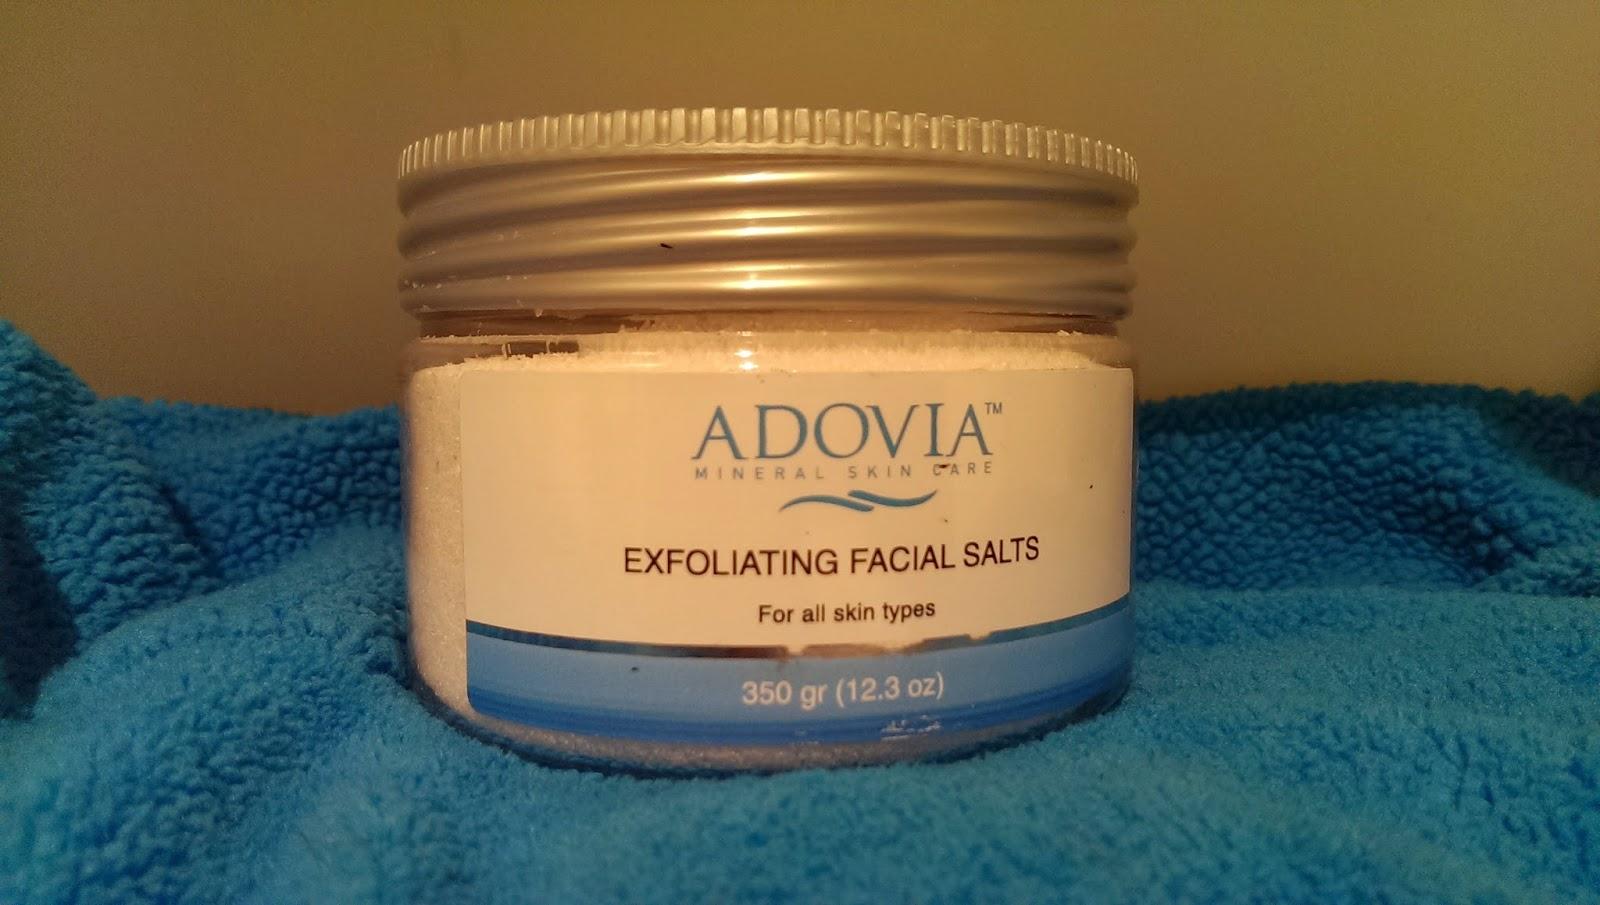 Exfoliating+sea+salt Adovia Exfoliating Facial Sea Salts Review - Natural Facial Scrubs  #adovia